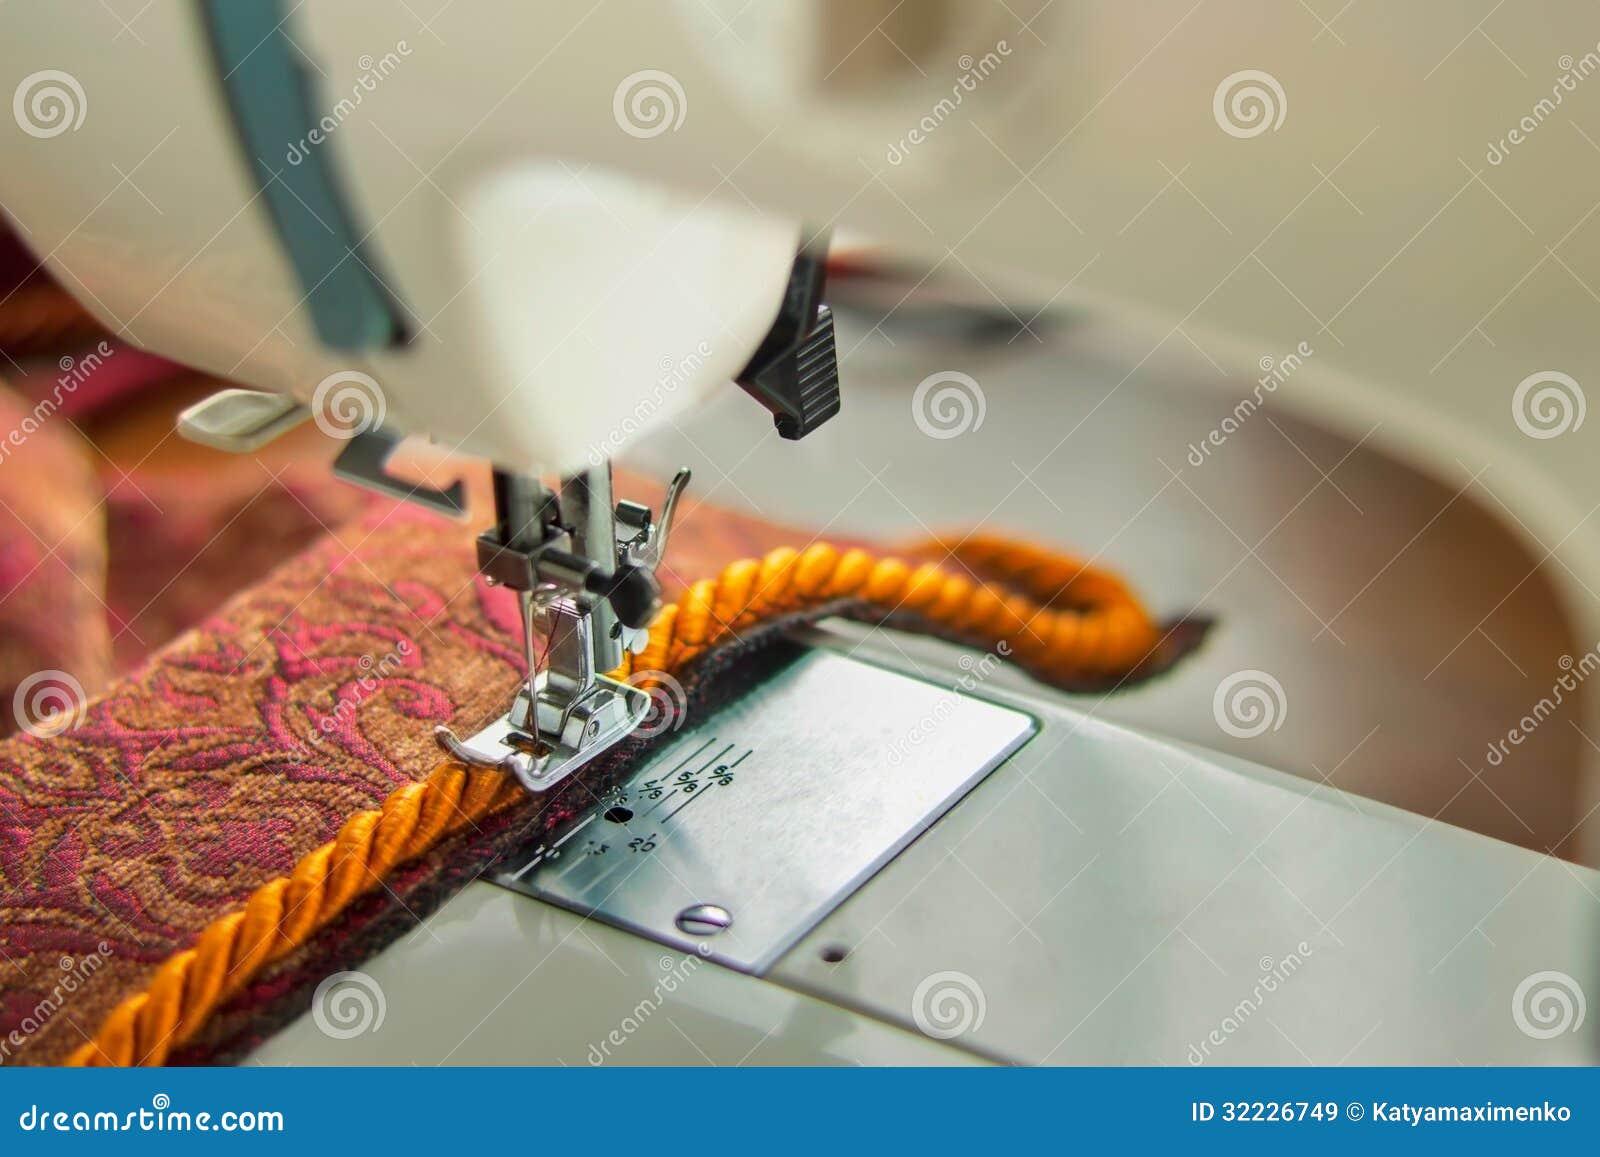 Download Máquina de costura imagem de stock. Imagem de eletricidade - 32226749